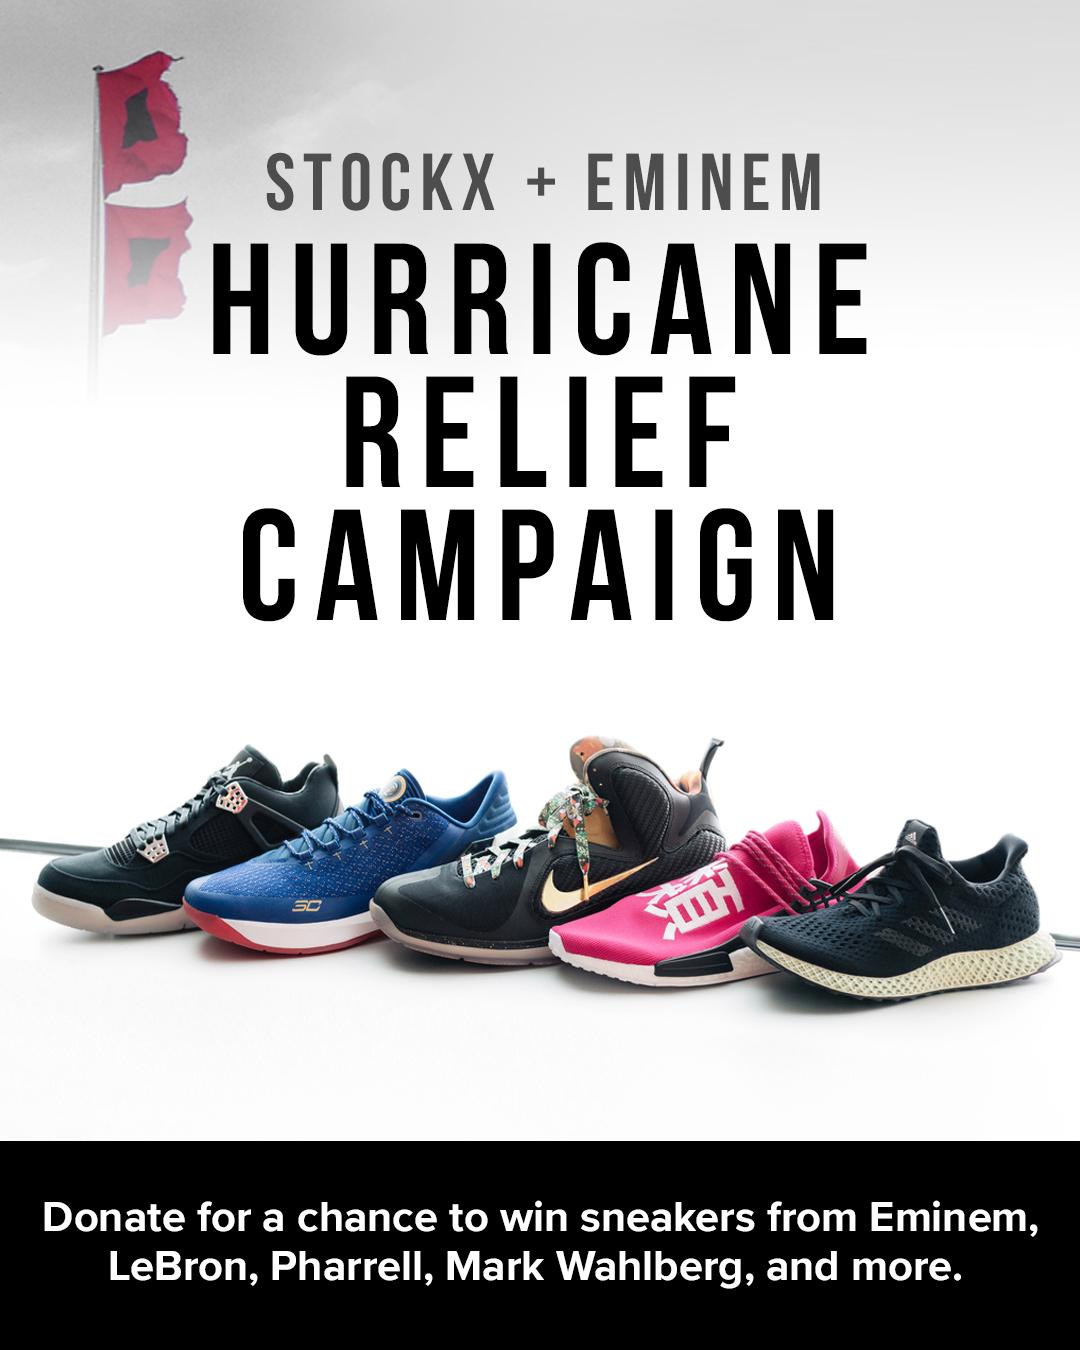 362e38d9 Eminem - StockX News